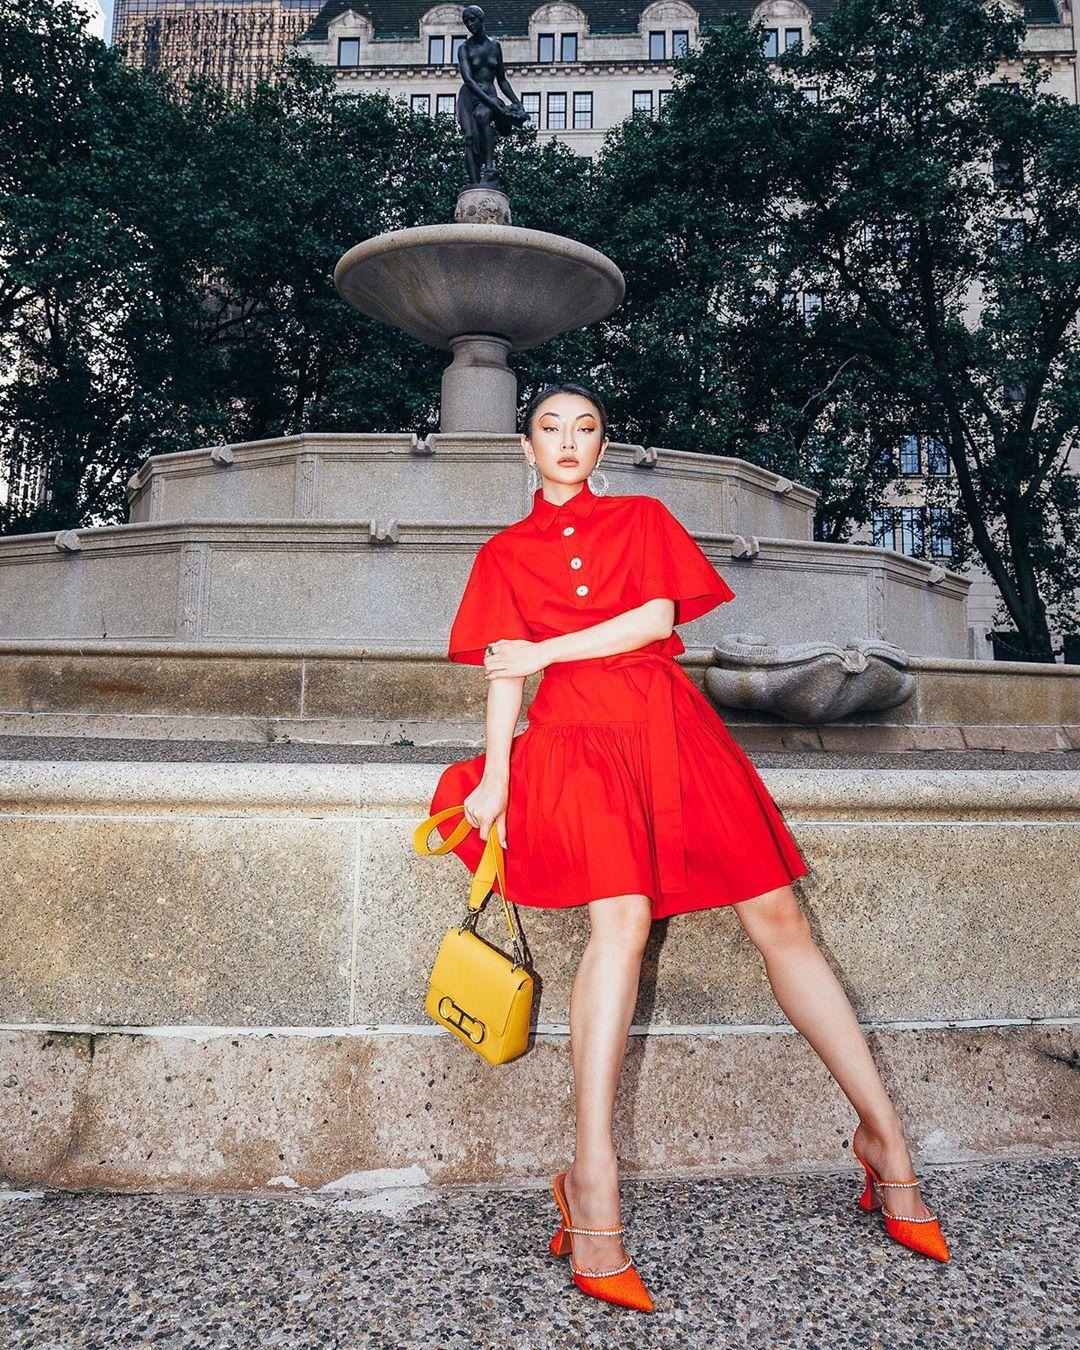 túi màu vàng mù tạt phối với trang phục đỏ